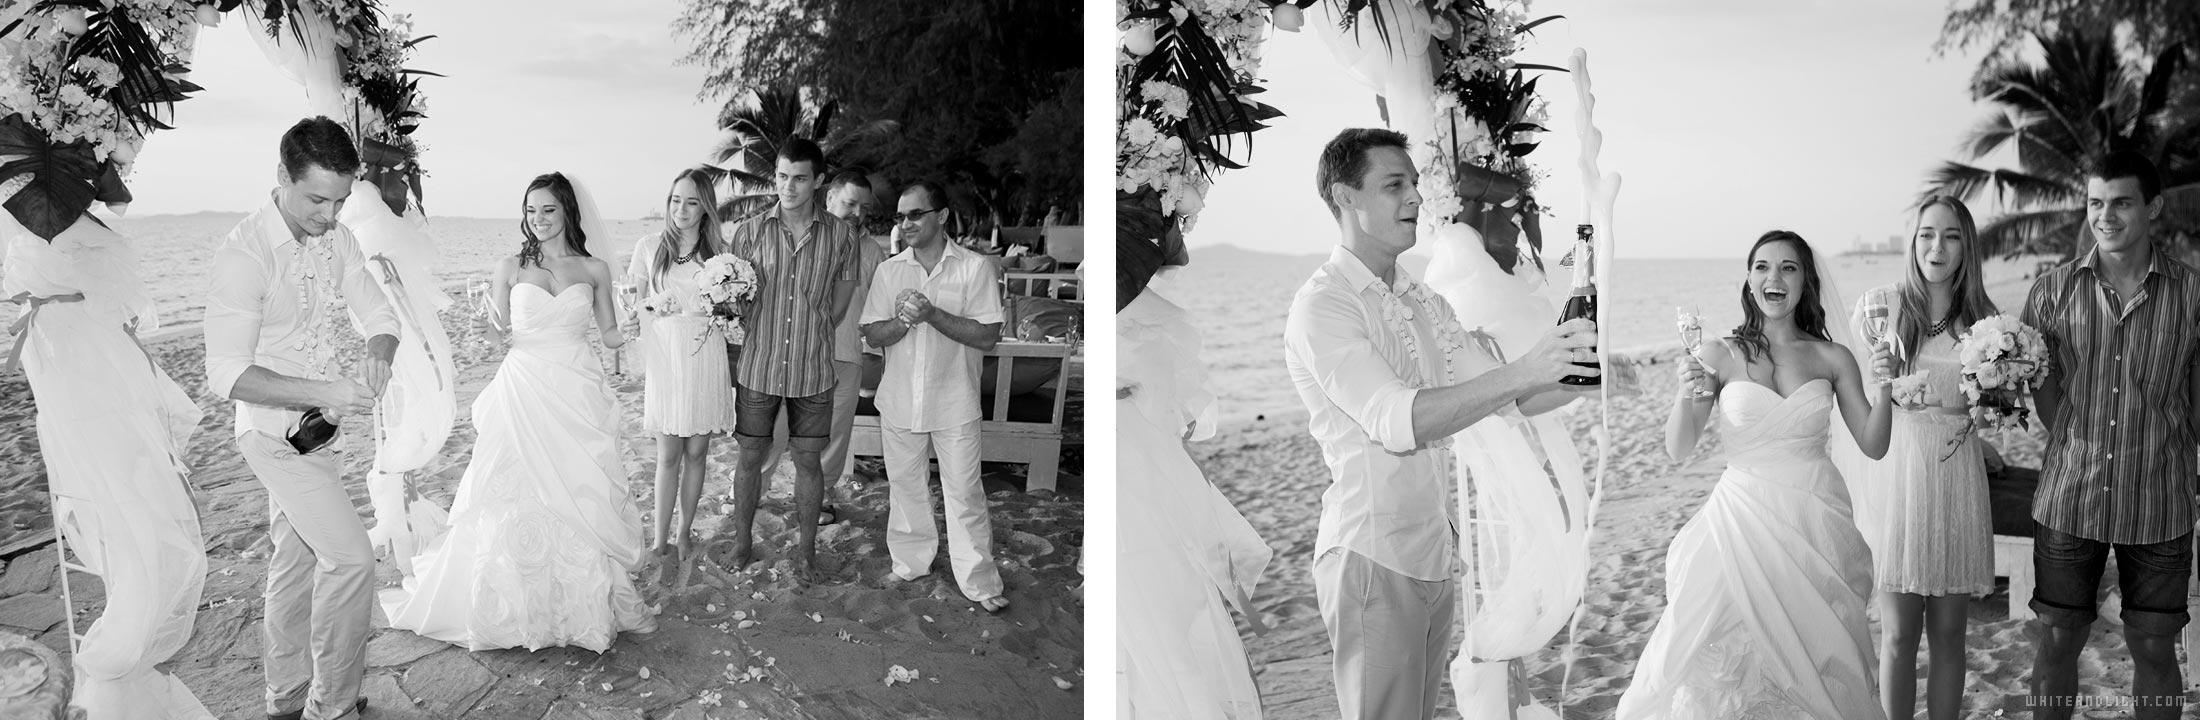 hochzeit am strand outfit männer